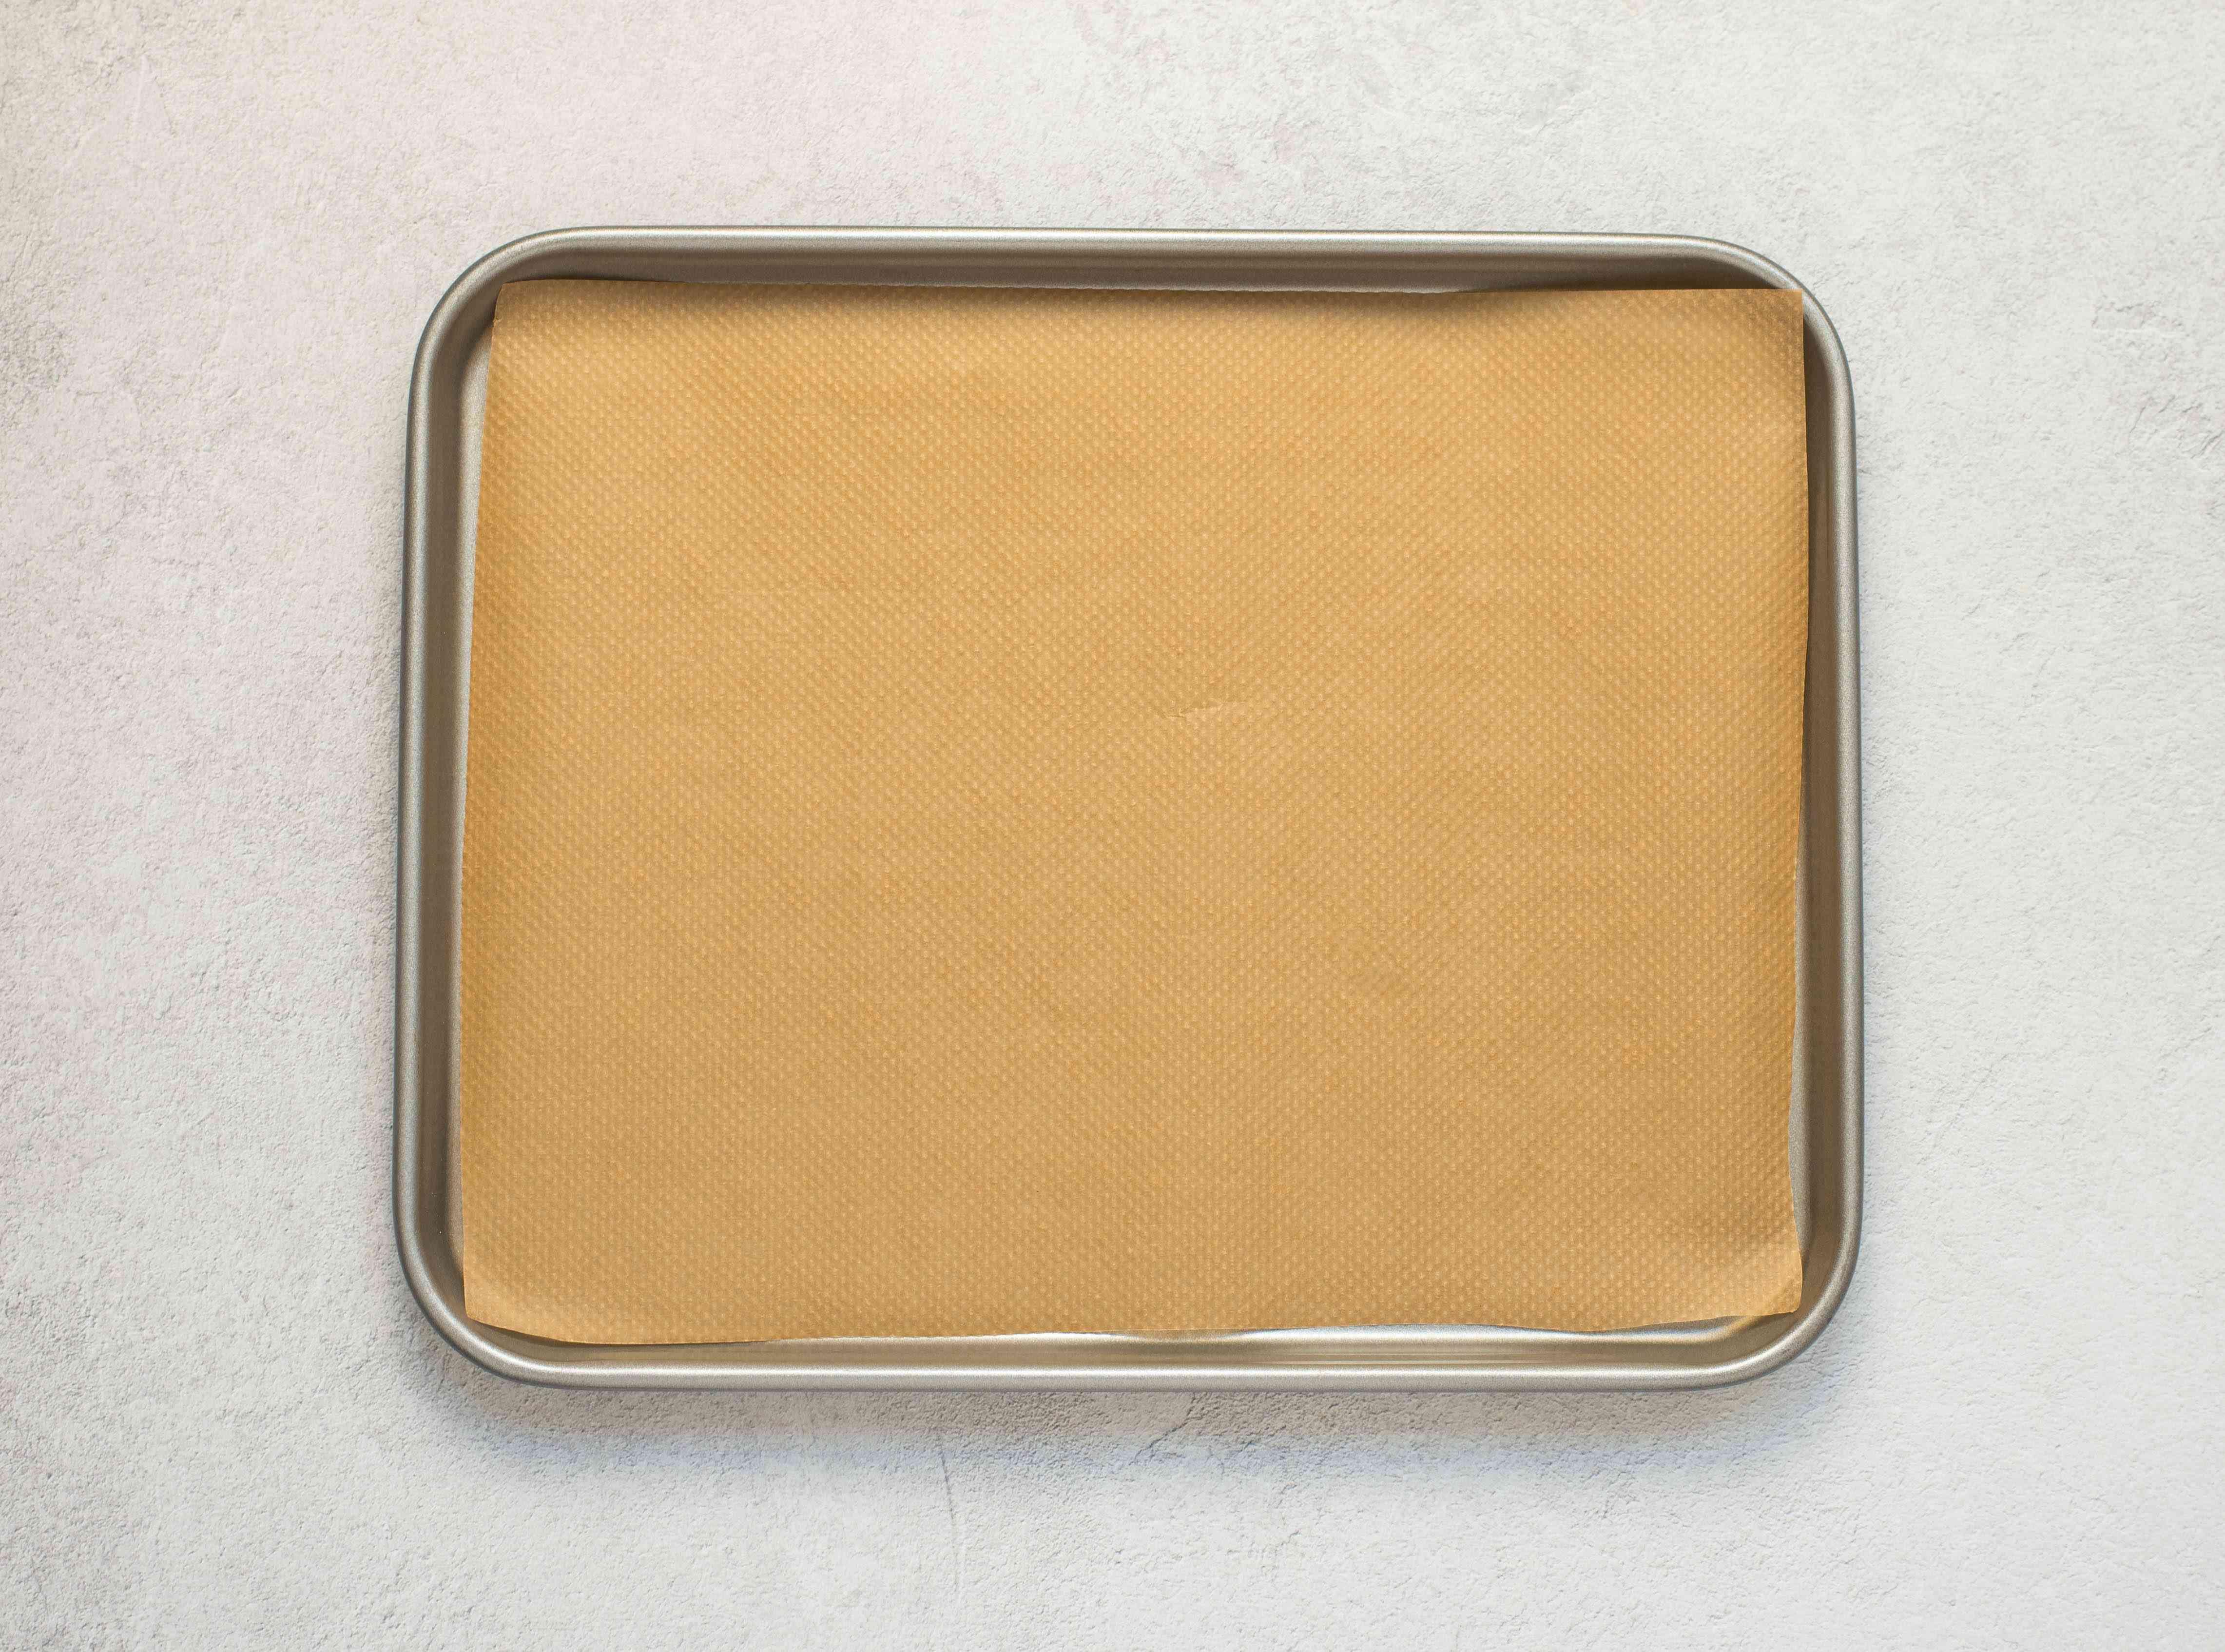 Line a baking sheet